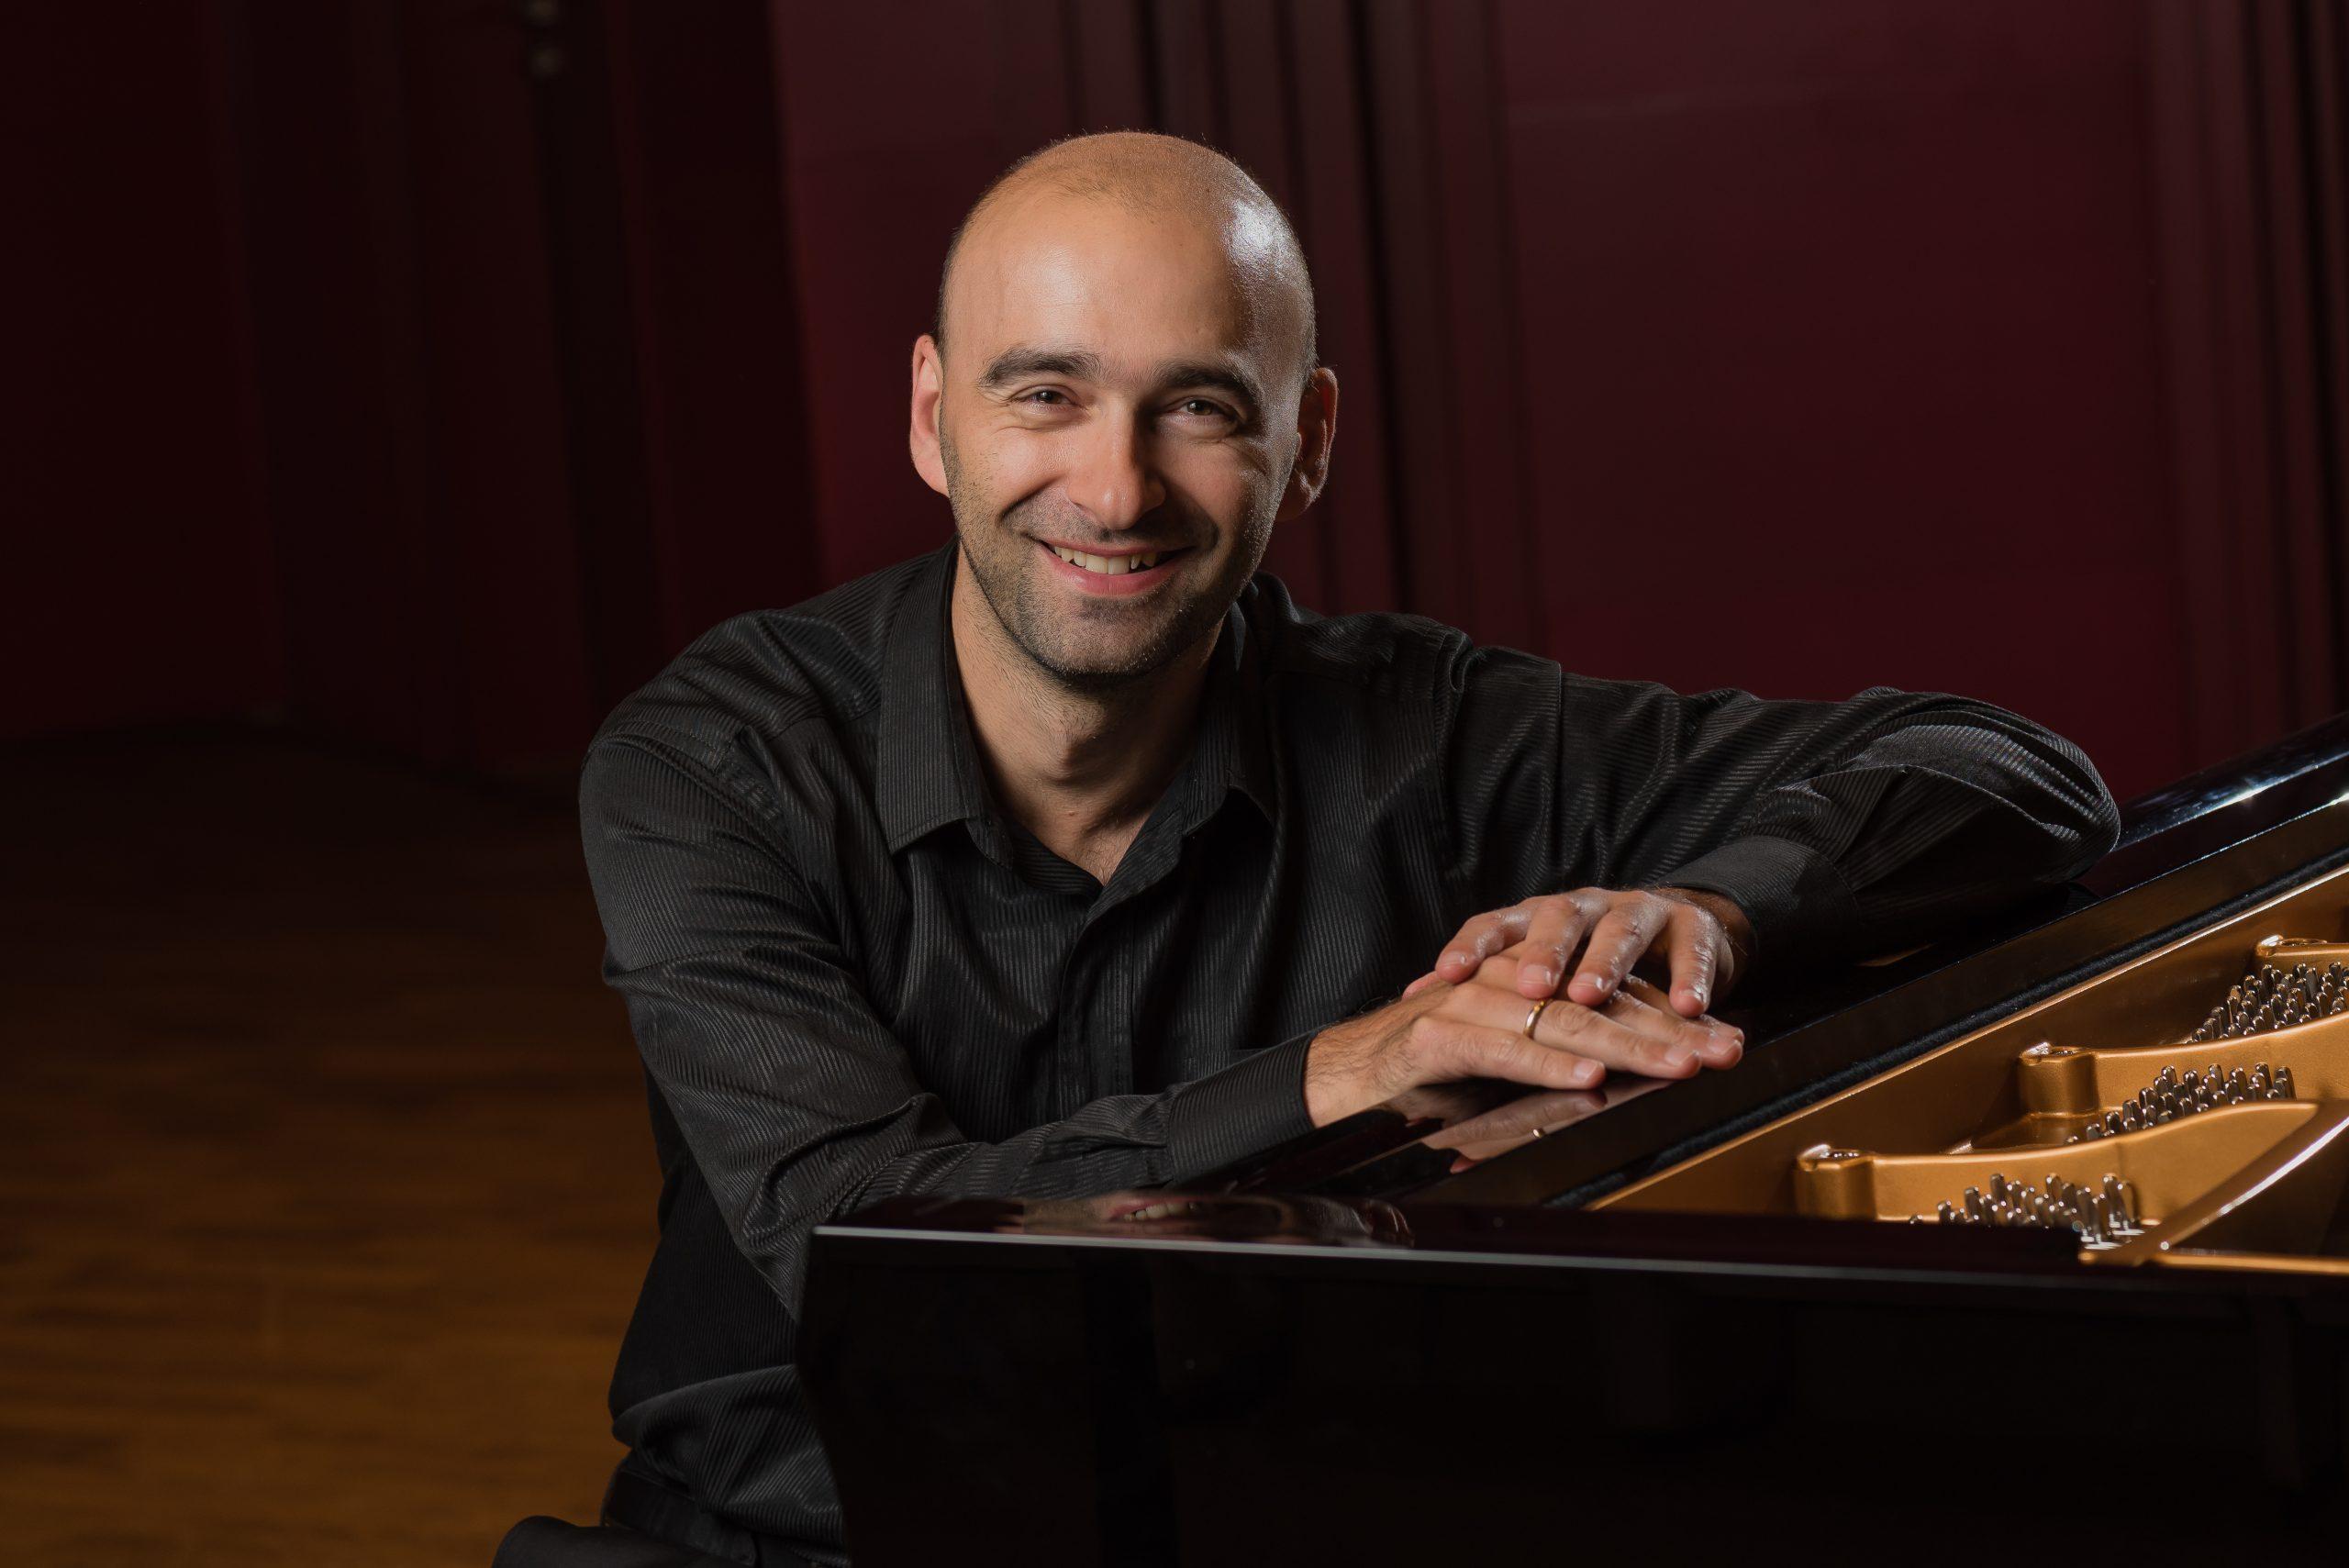 Харьковчан приглашают на онлайн-концерт польского пианиста